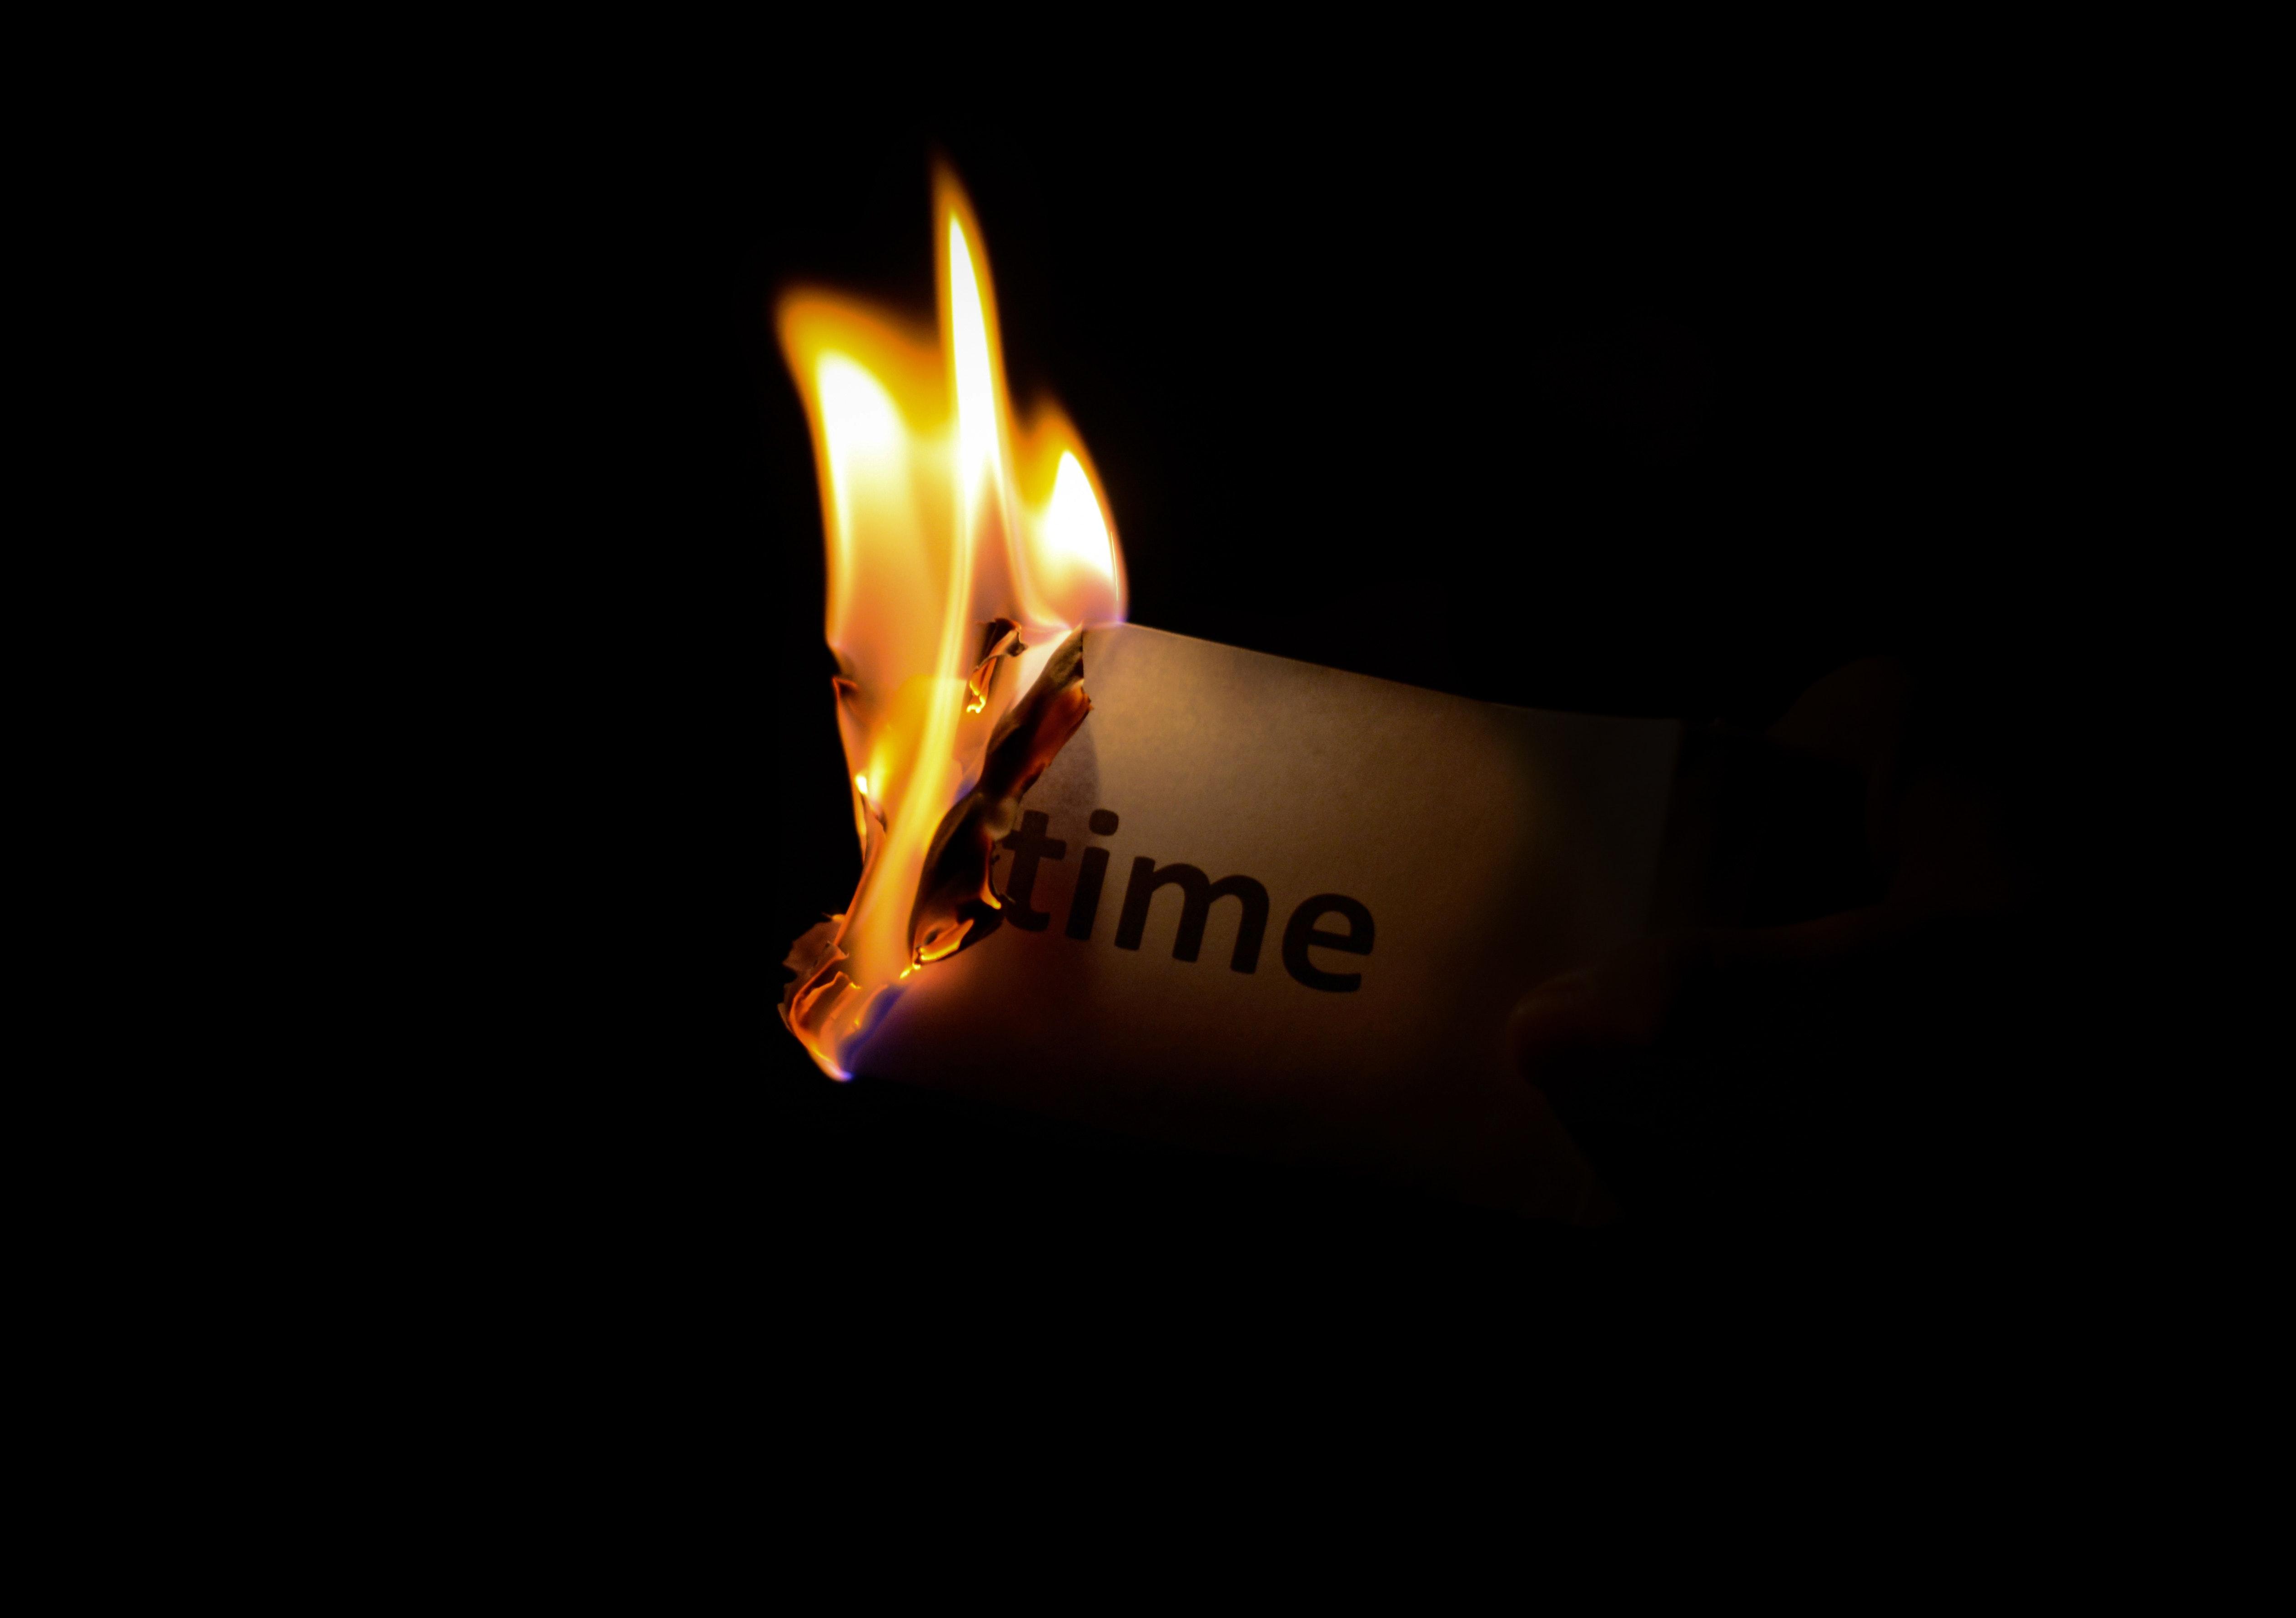 Time Burning